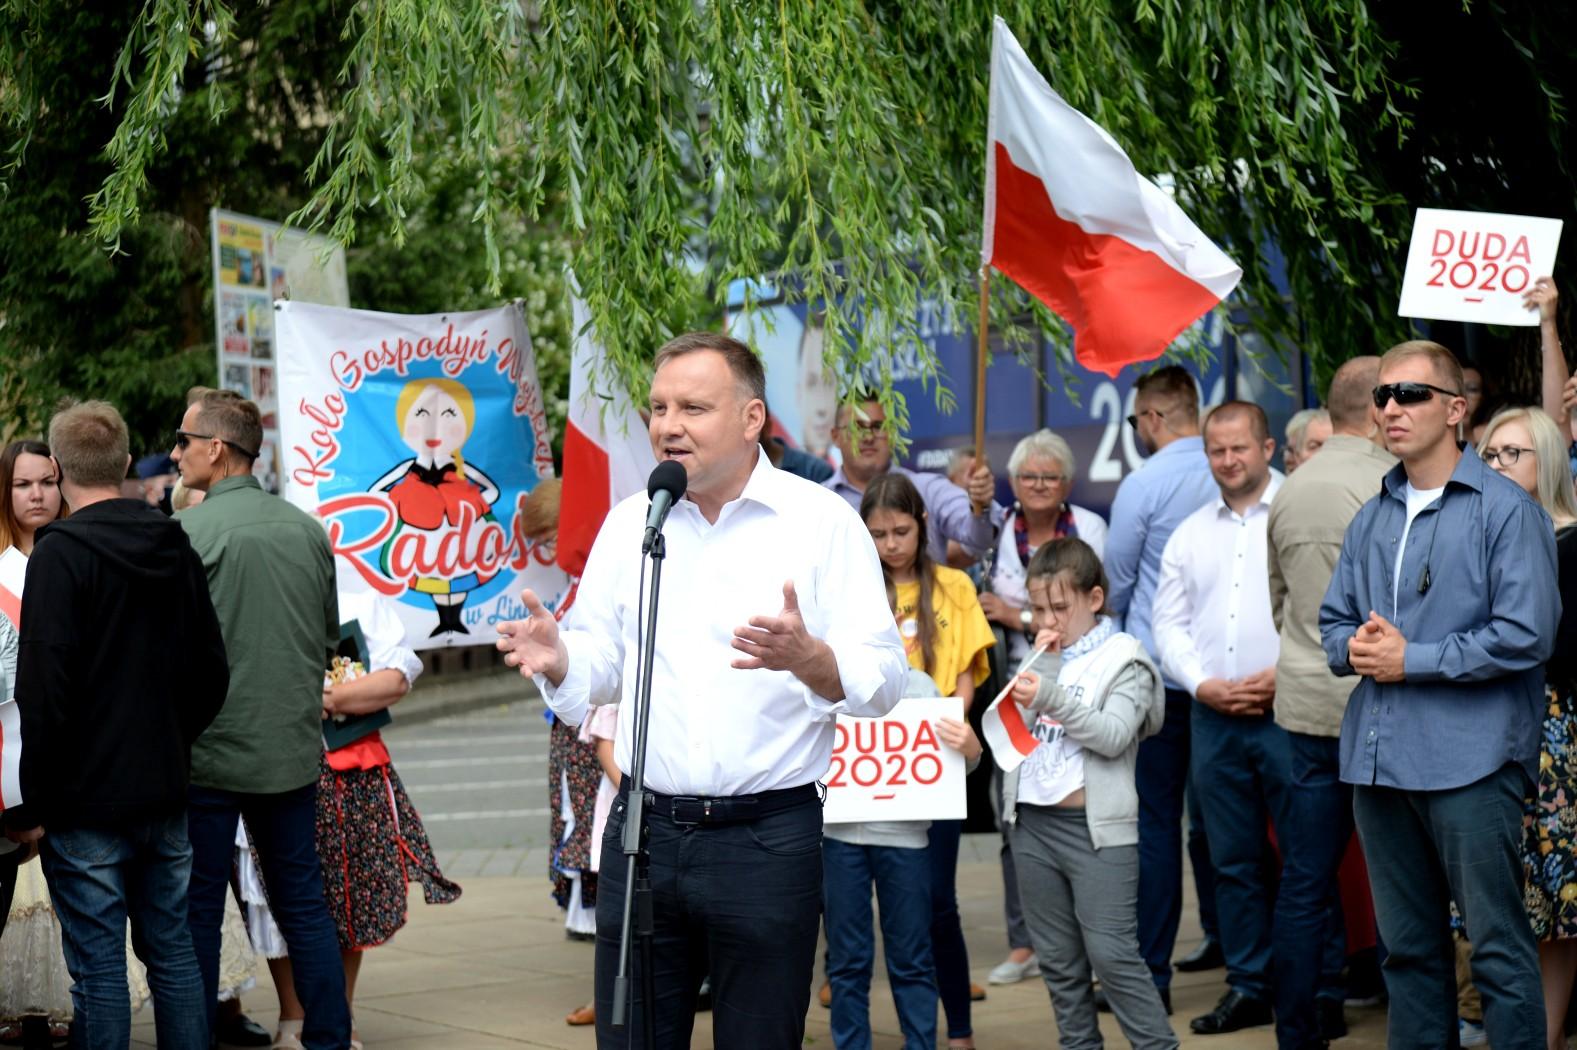 Burza wokół decyzji Dudy. Łaska nie pańska, lecz łaska państwa - Polityka.pl